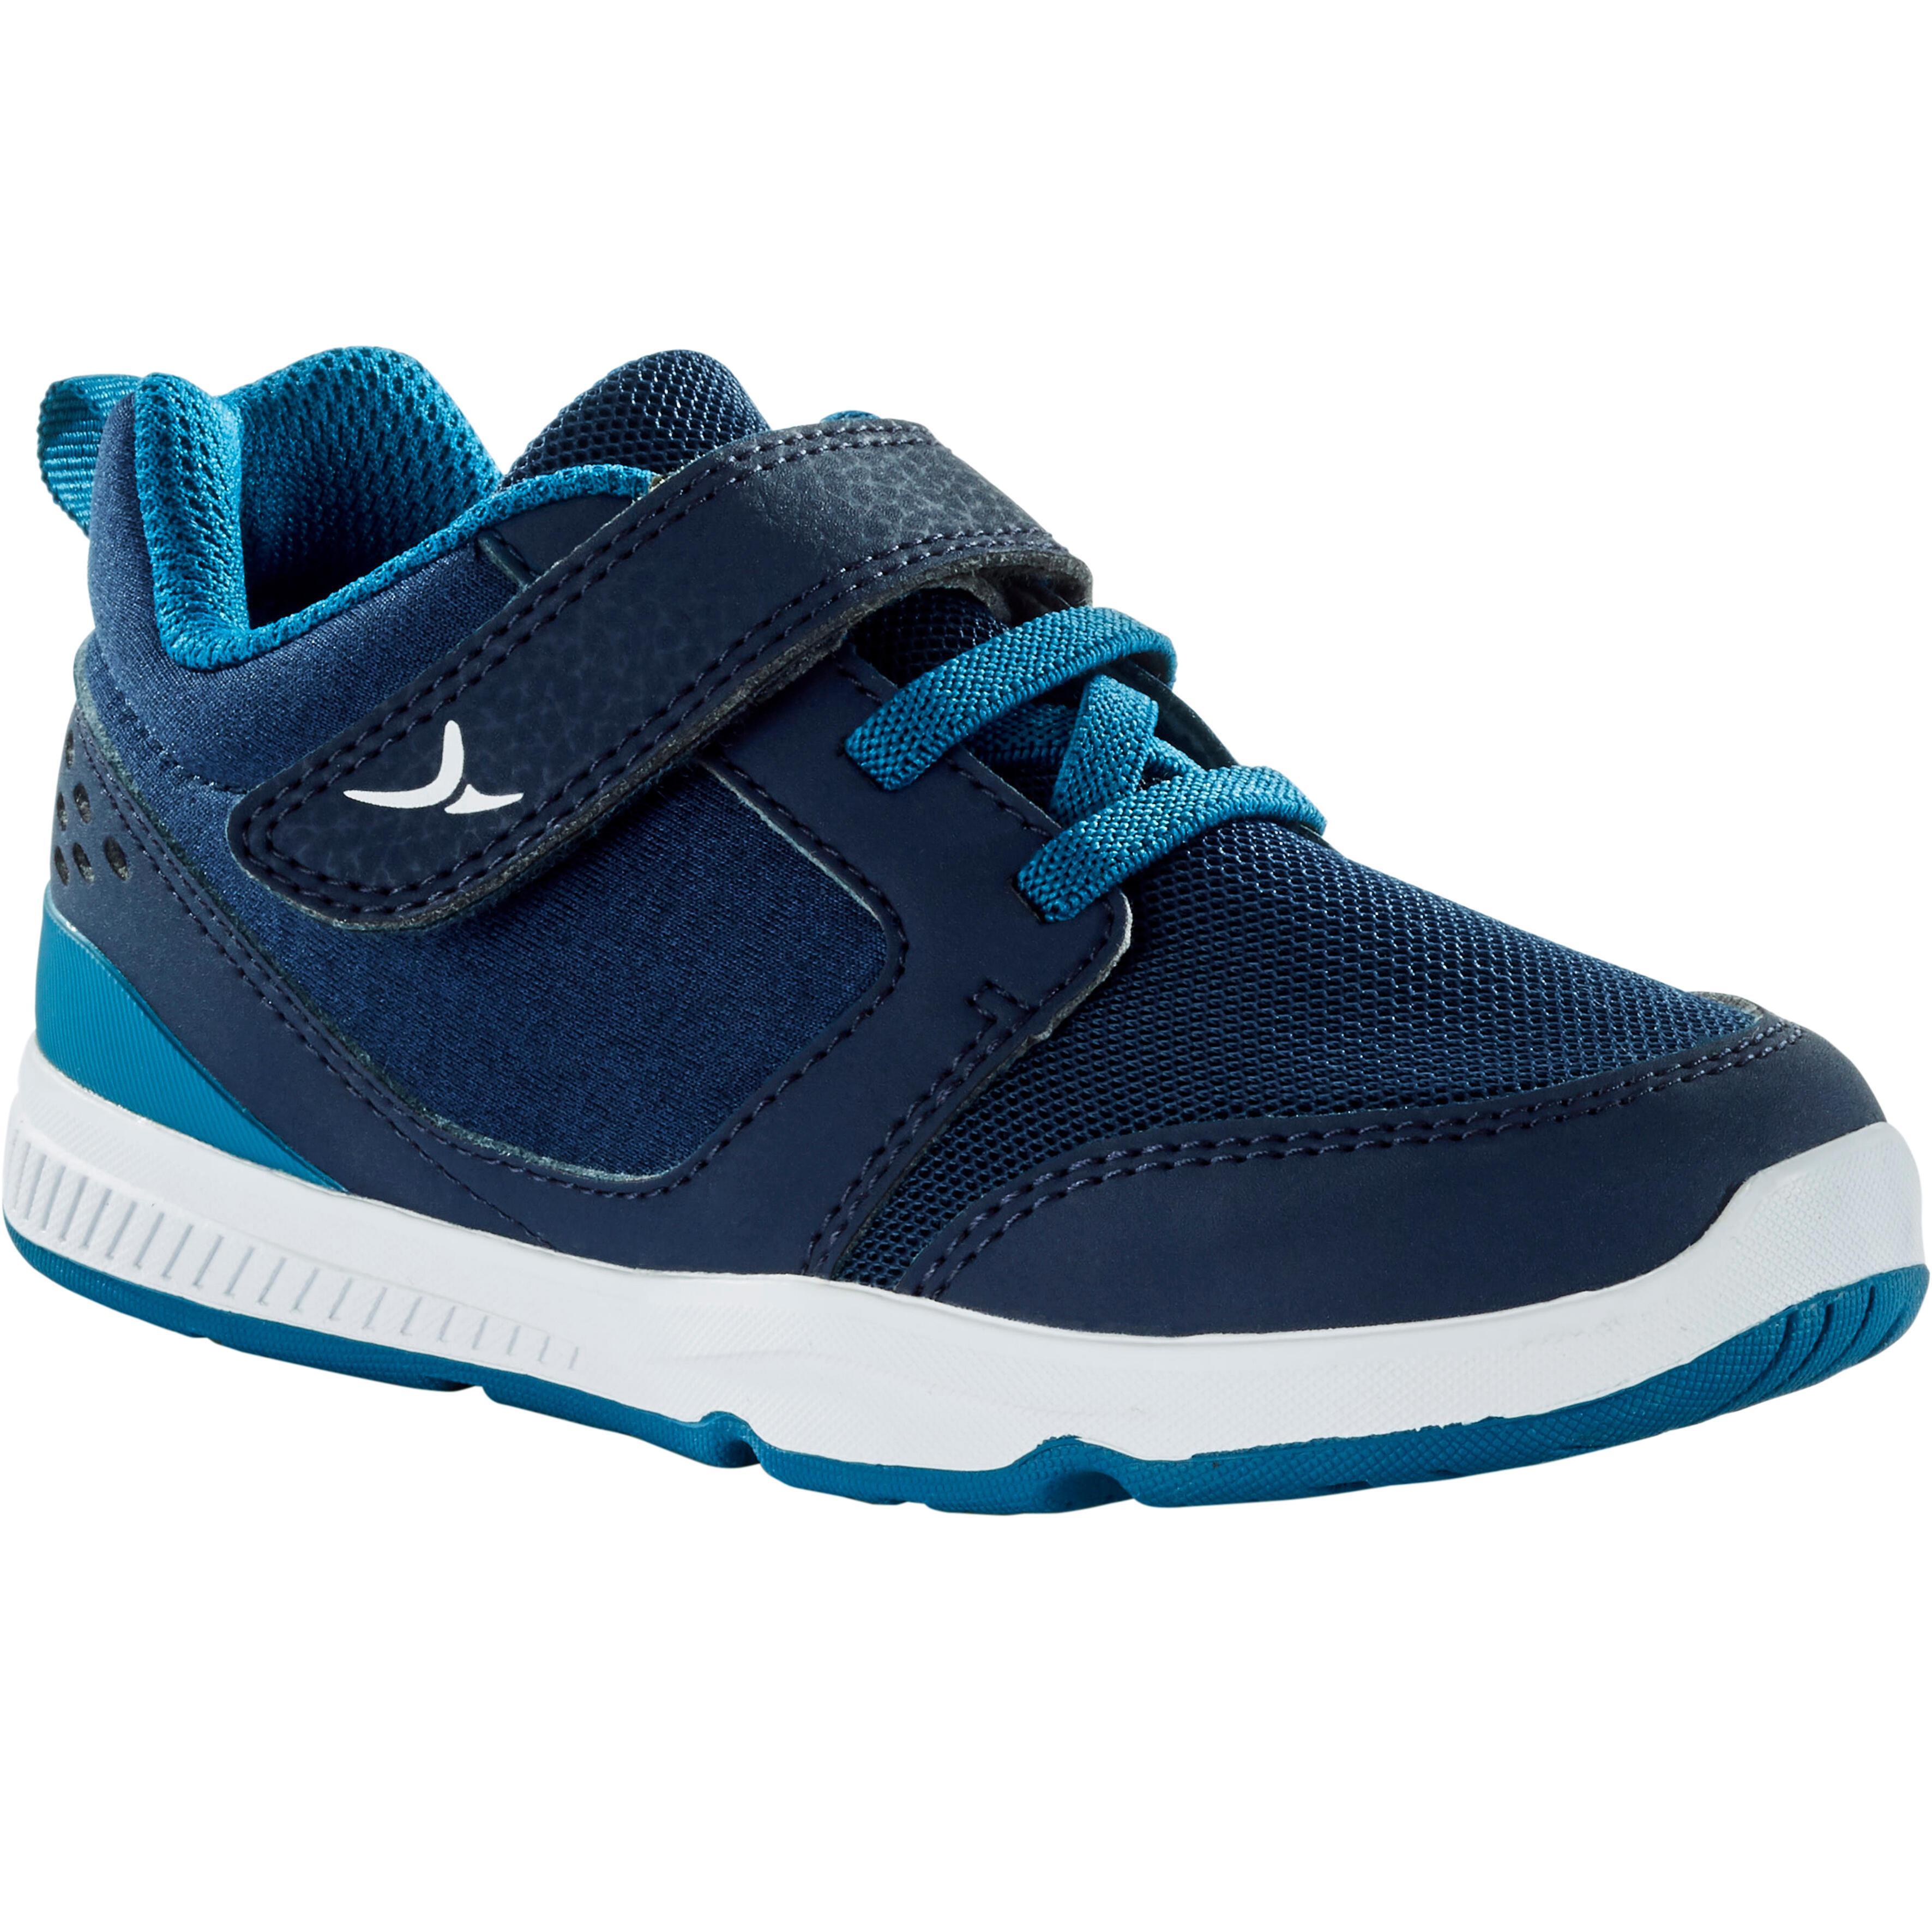 9dceab091ba Kinder sneakers kopen? | Decathlon.nl